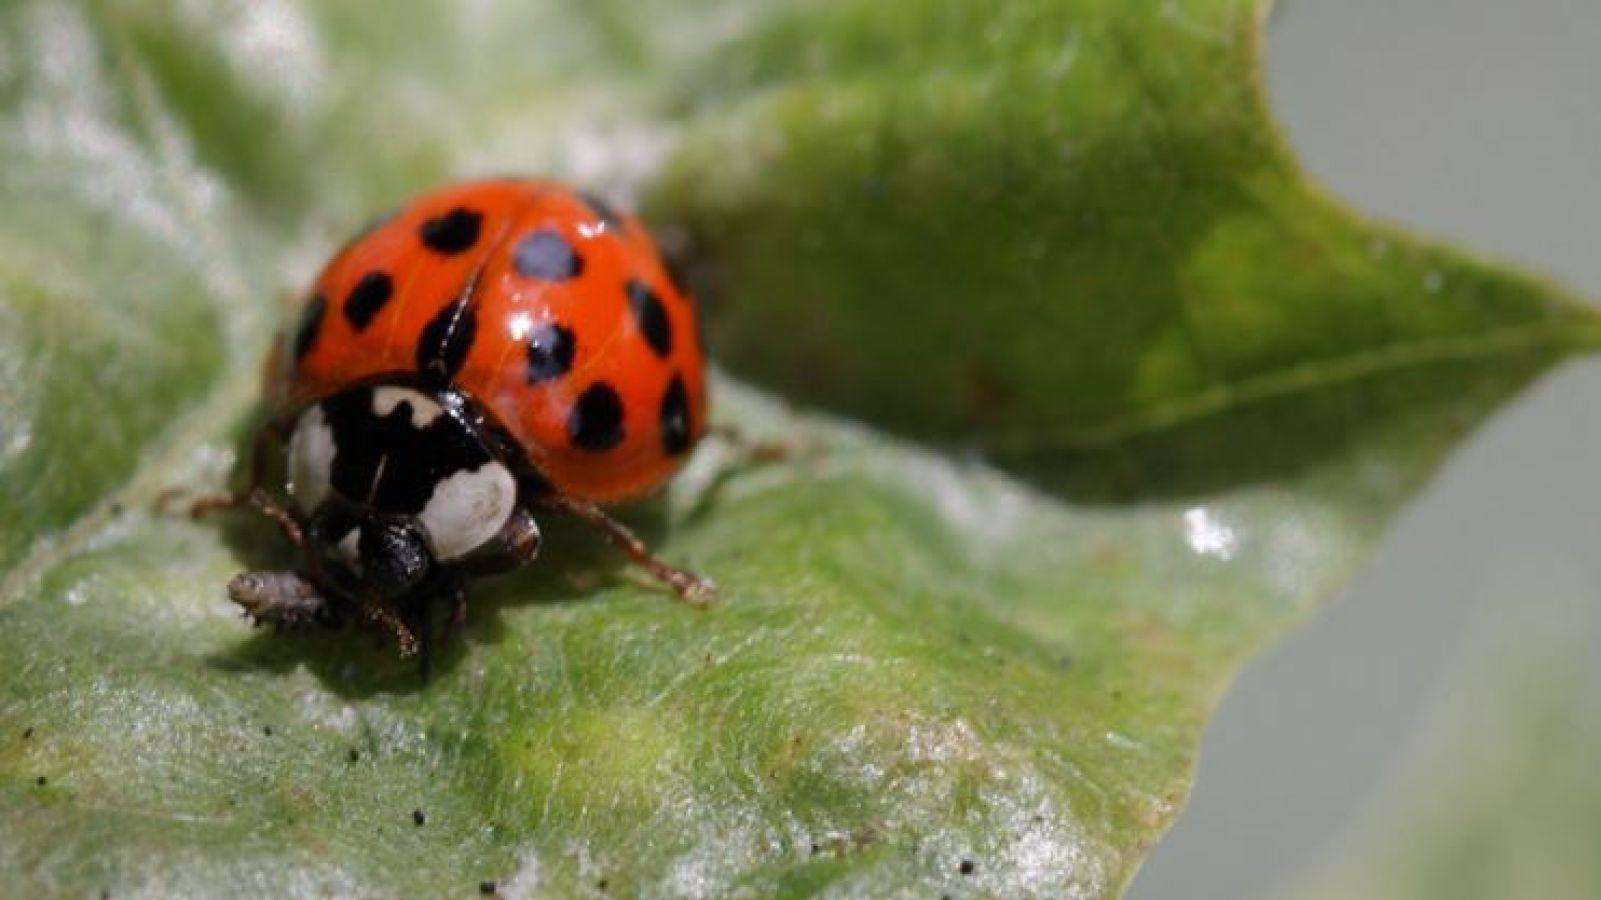 इस कीड़े के कारण के घरों में कैद हो रहे हैं लोग, इतना ही खतरनाक